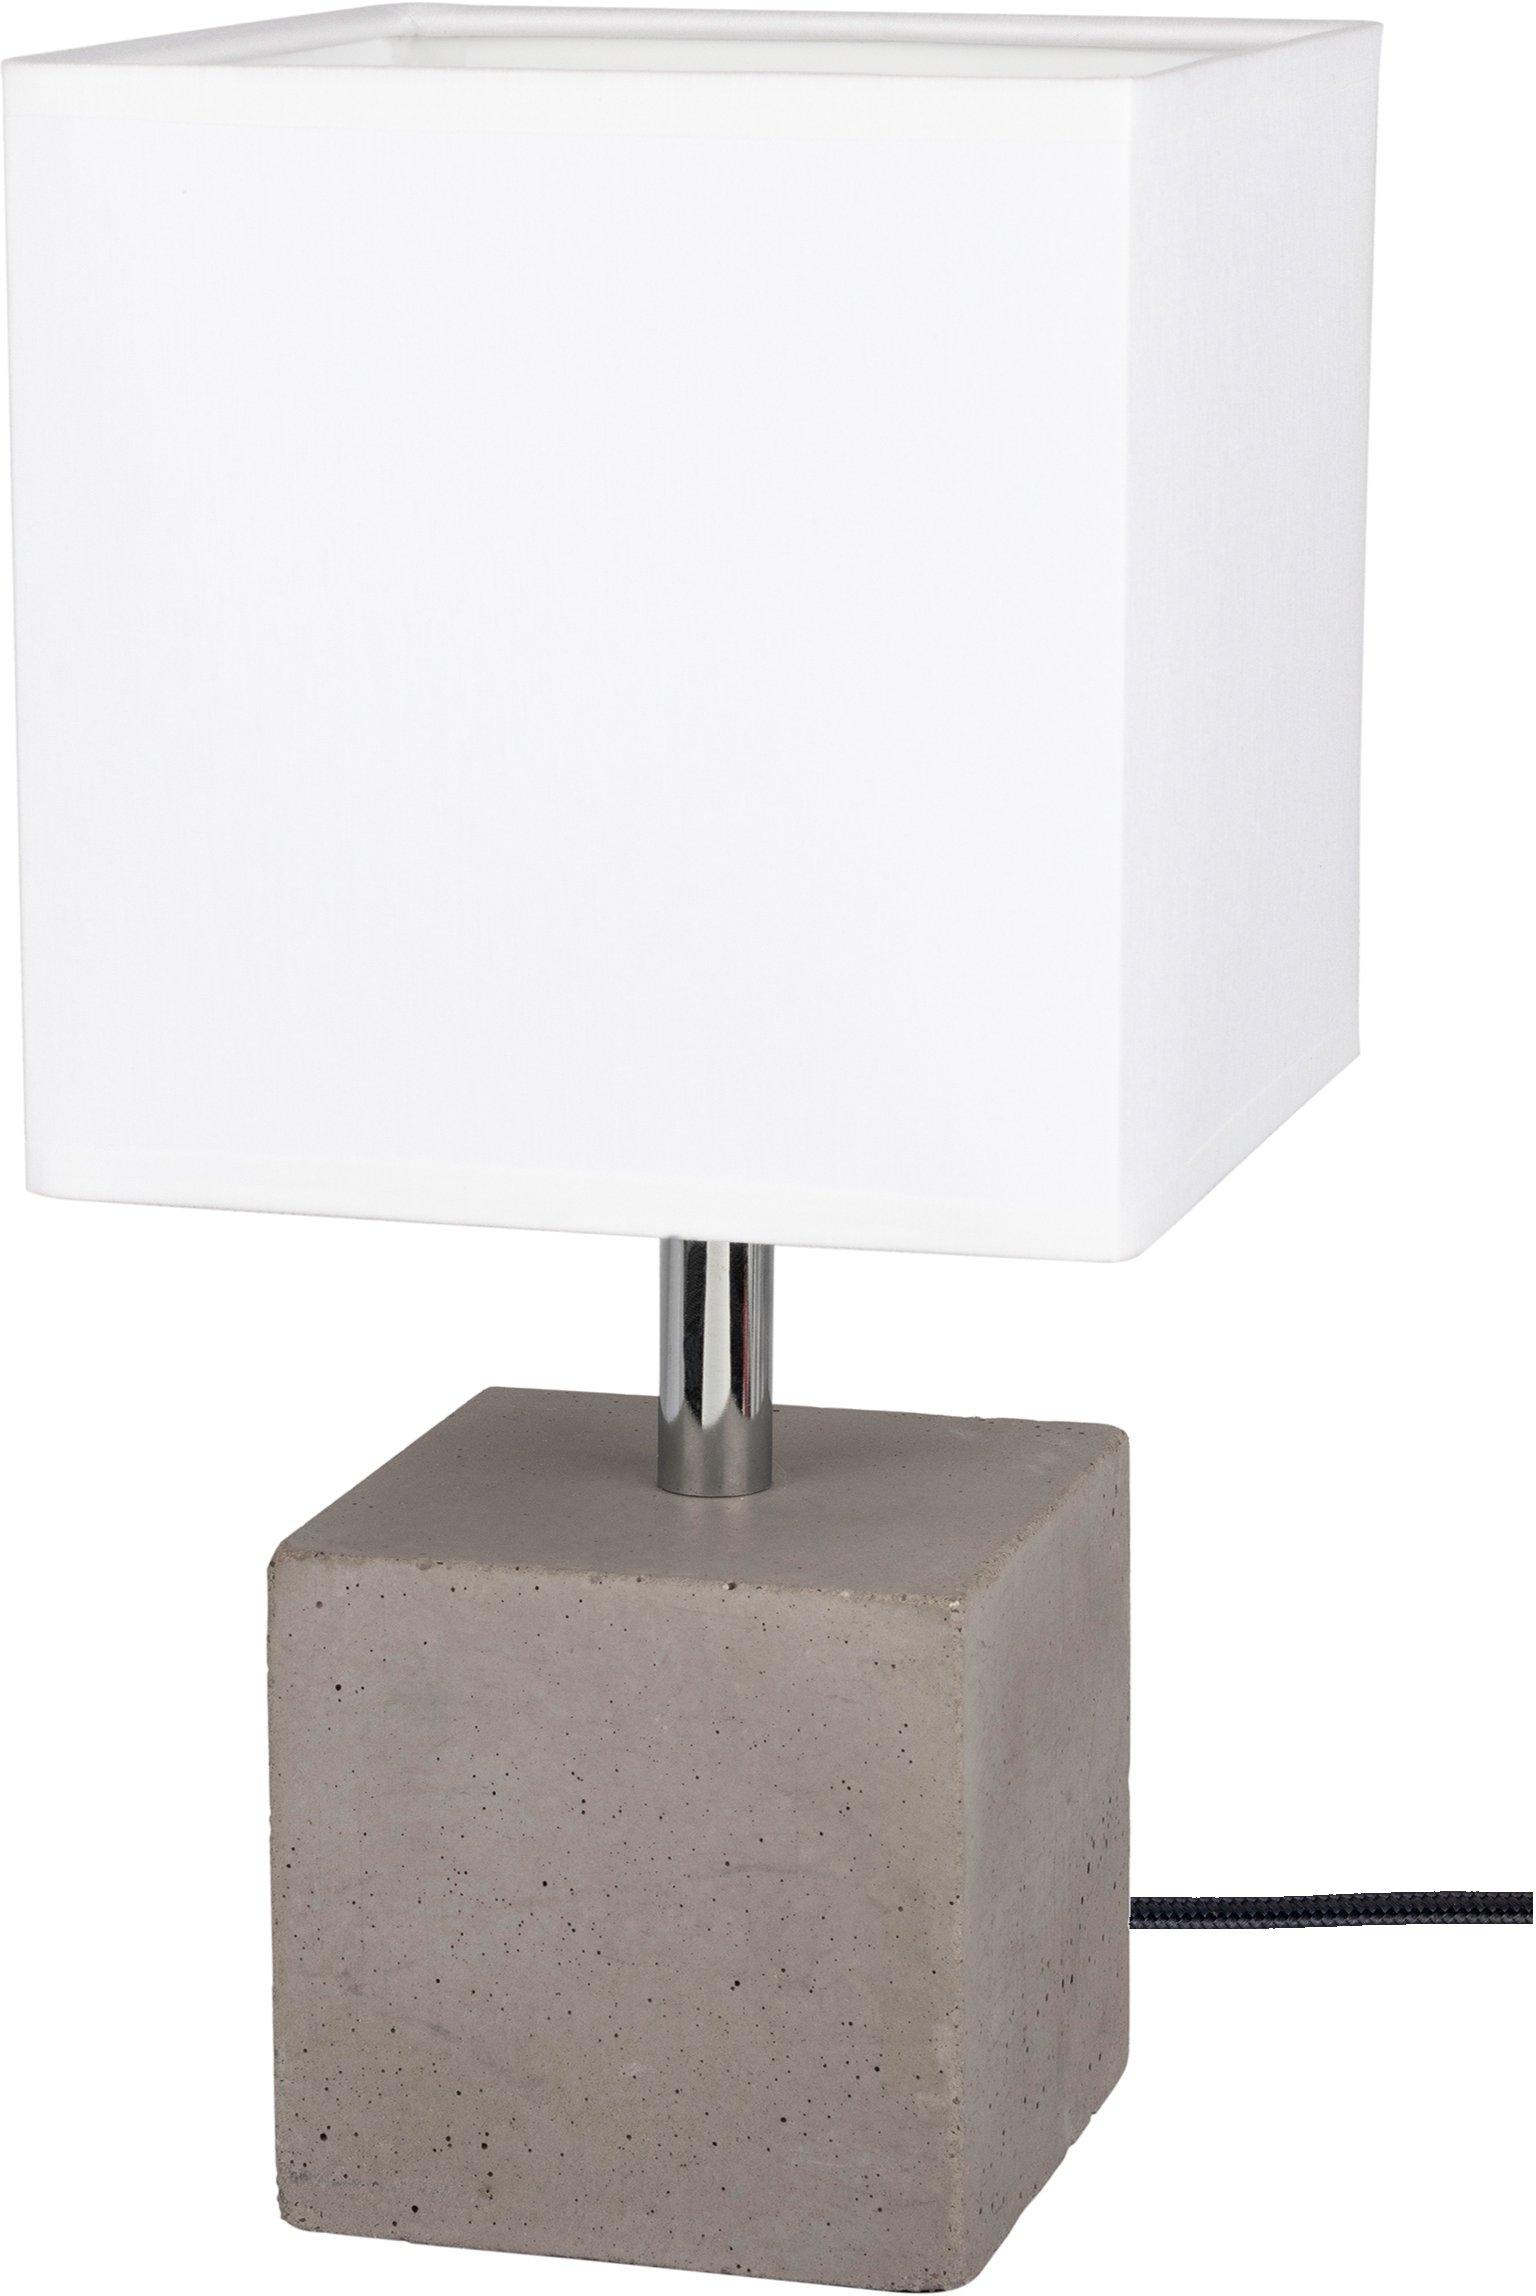 SPOT Light tafellamp Strong Echt beton - met de hand gemaakt, lampenkap van stof, natuurproduct - duurzaam, Made in Europe (1 stuk) online kopen op otto.nl